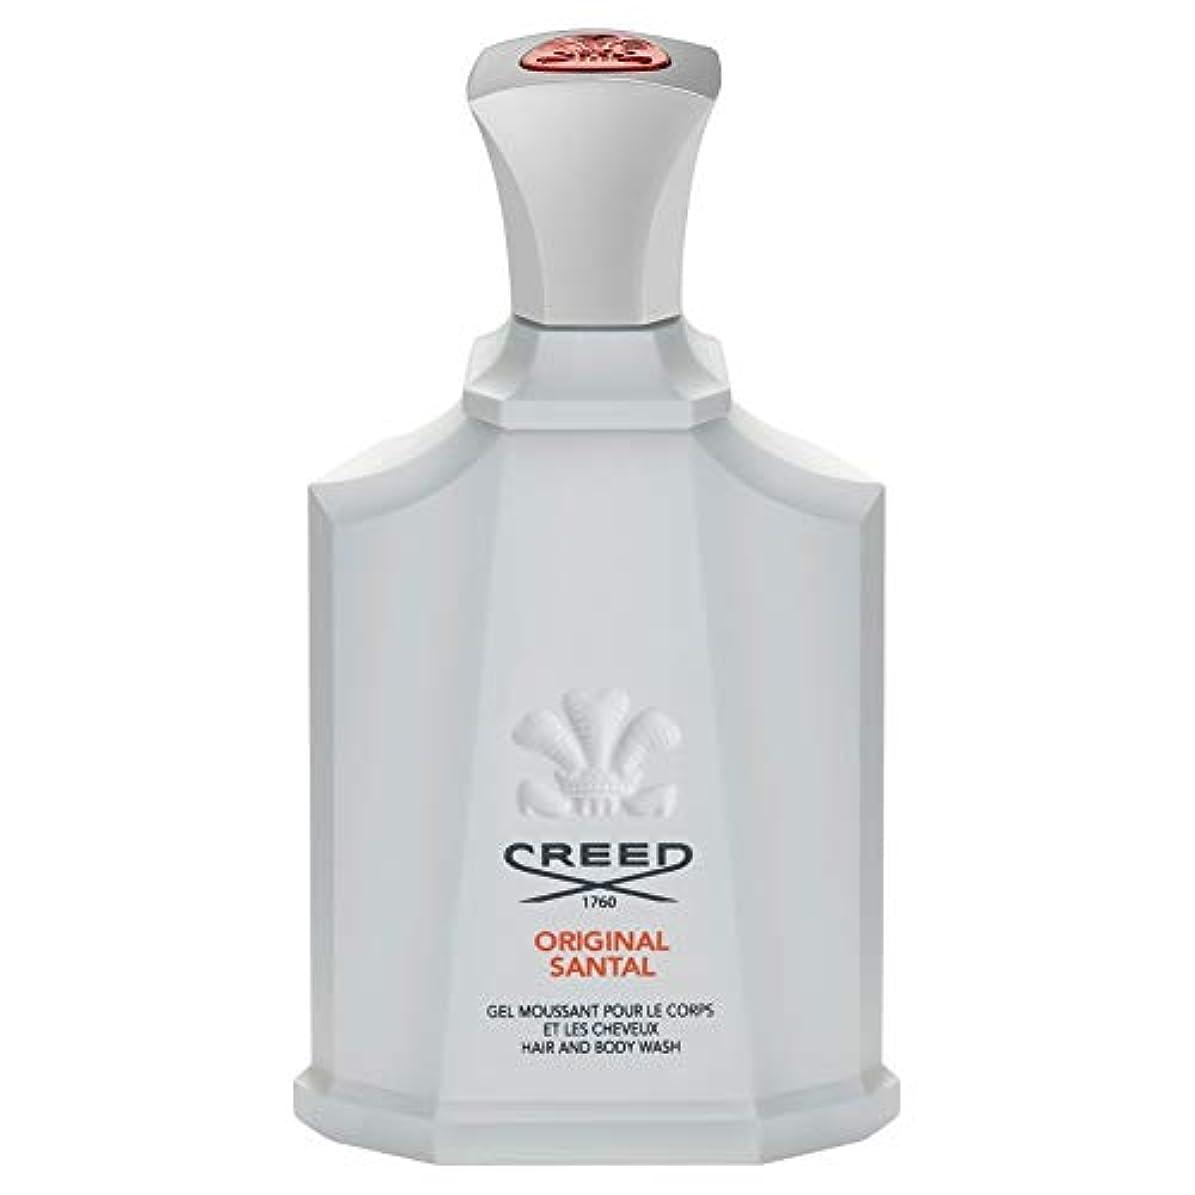 ニンニク匿名転倒[Creed ] 信条元サンタルシャワージェル200Ml - CREED Original Santal Shower Gel 200ml [並行輸入品]